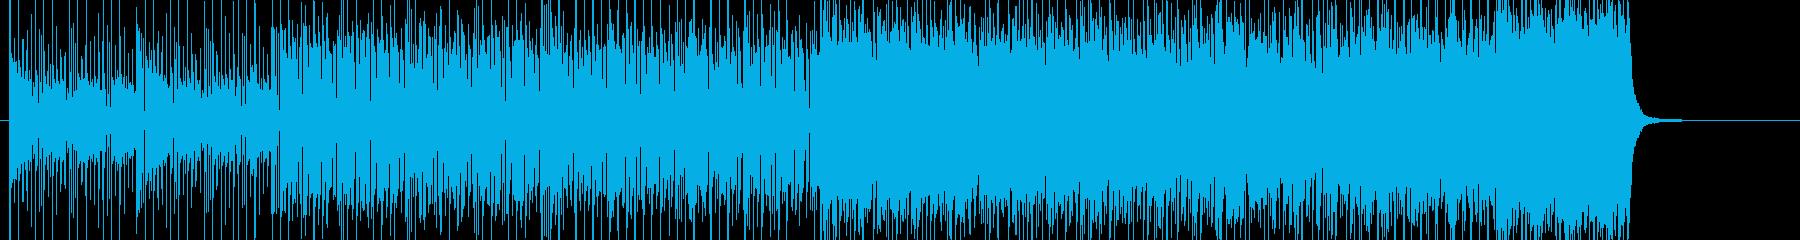 リズムが軽快なレース・カーチェイスの曲の再生済みの波形